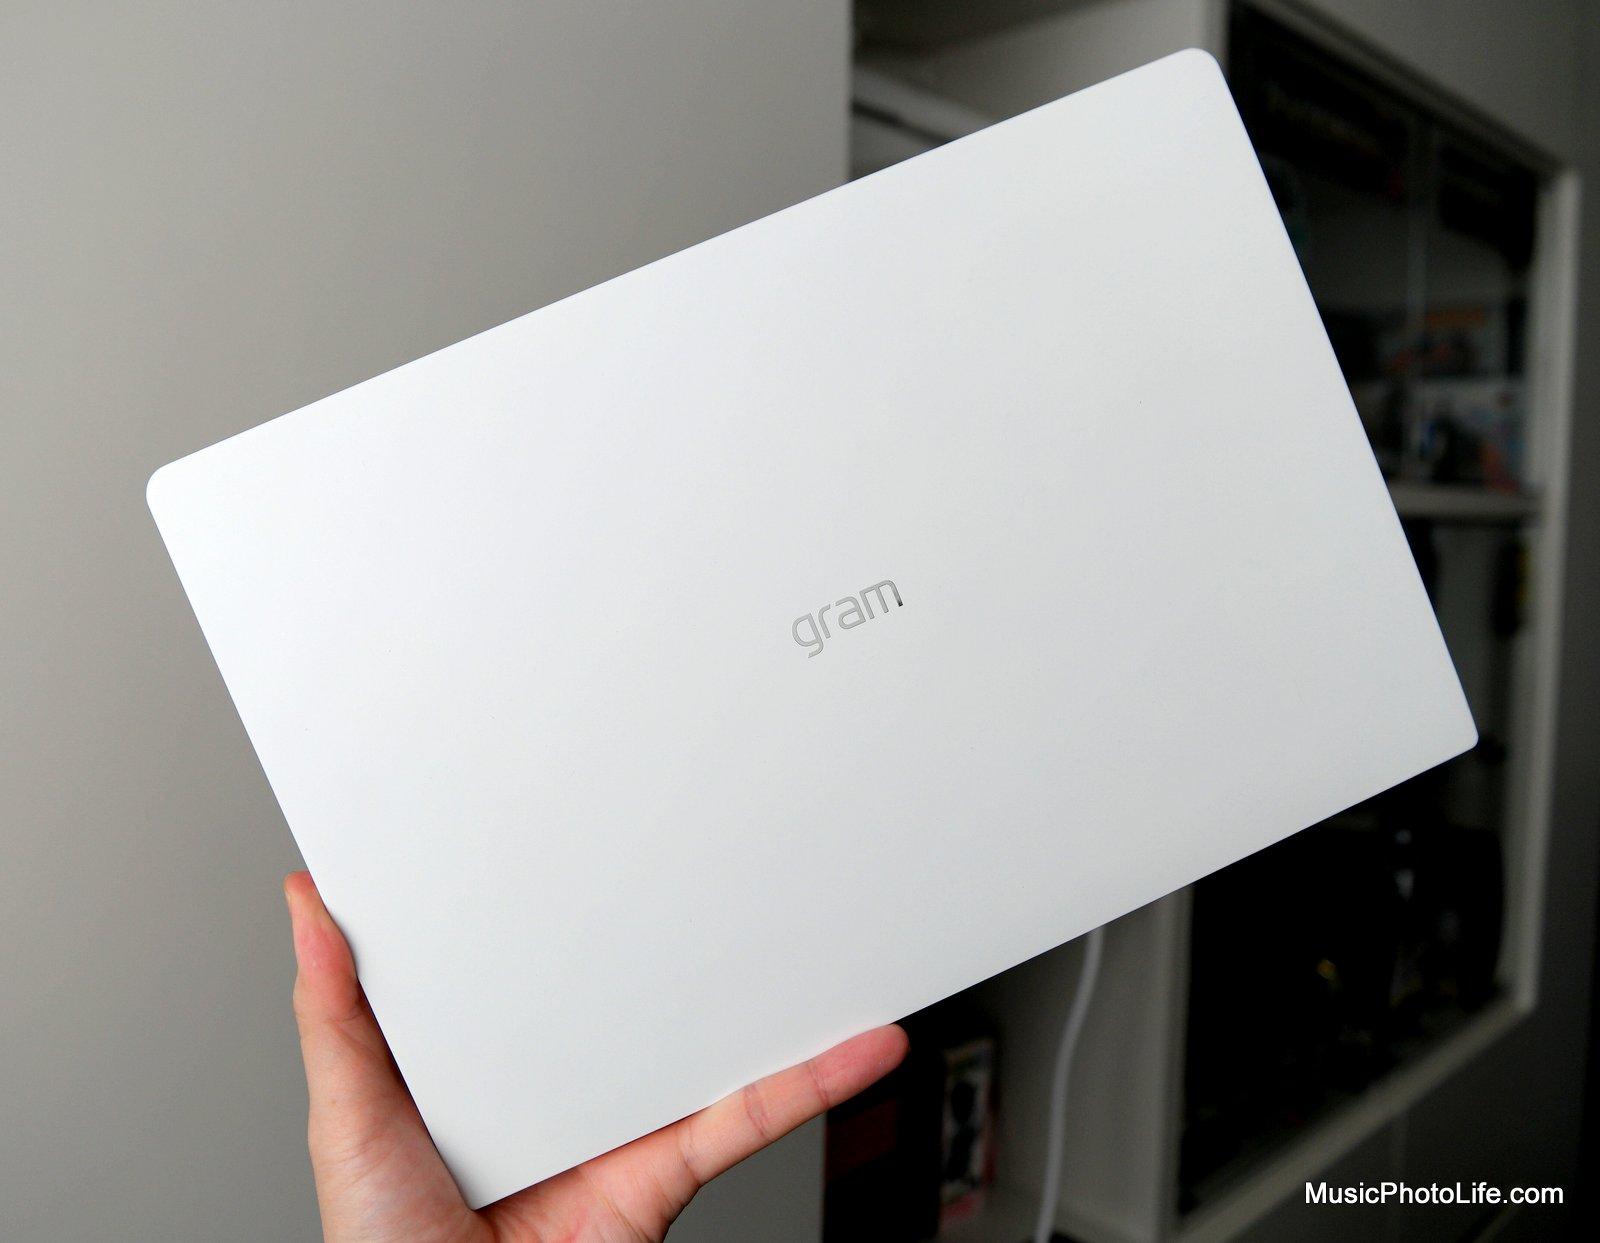 LG gram 13 13Z980 ultralight laptop review by musicphotolife.com, Singapore tech gadget reviewer